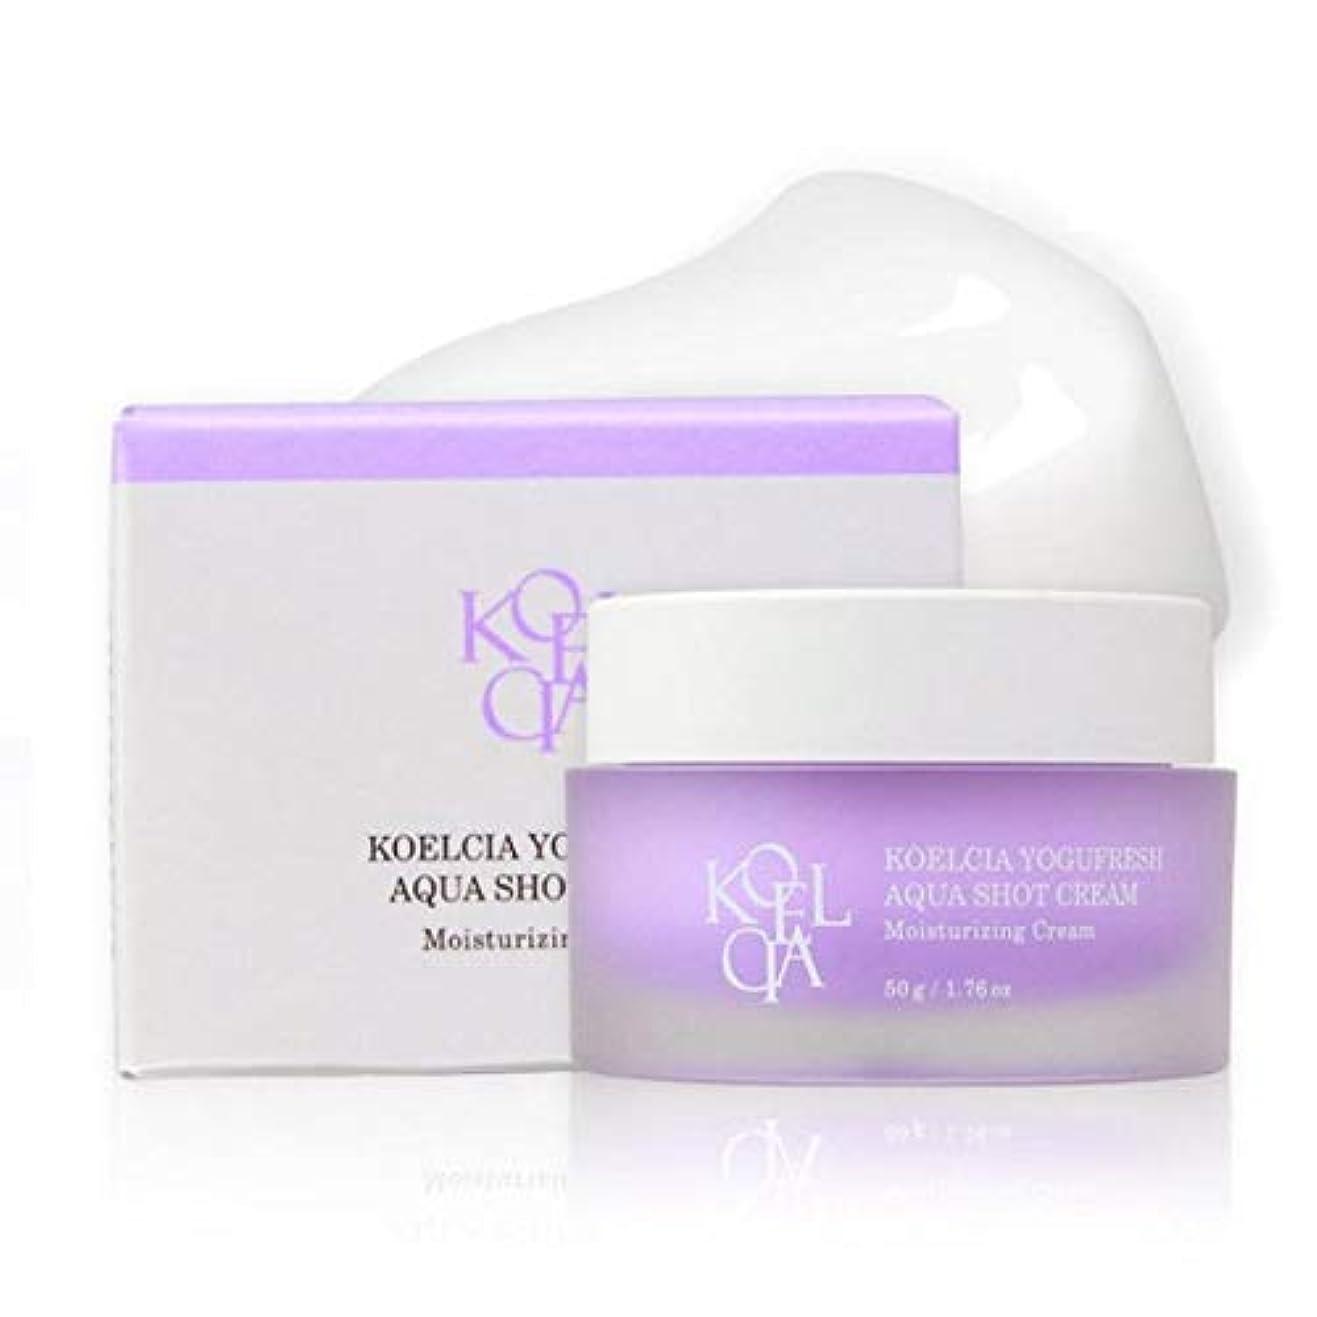 値公使館ブレイズKOELCIA YOGUFRESH AQUA SHOT CREAM 50g/Hot K-Beauty Best Moisture Cream/Korea Cosmetics [並行輸入品]